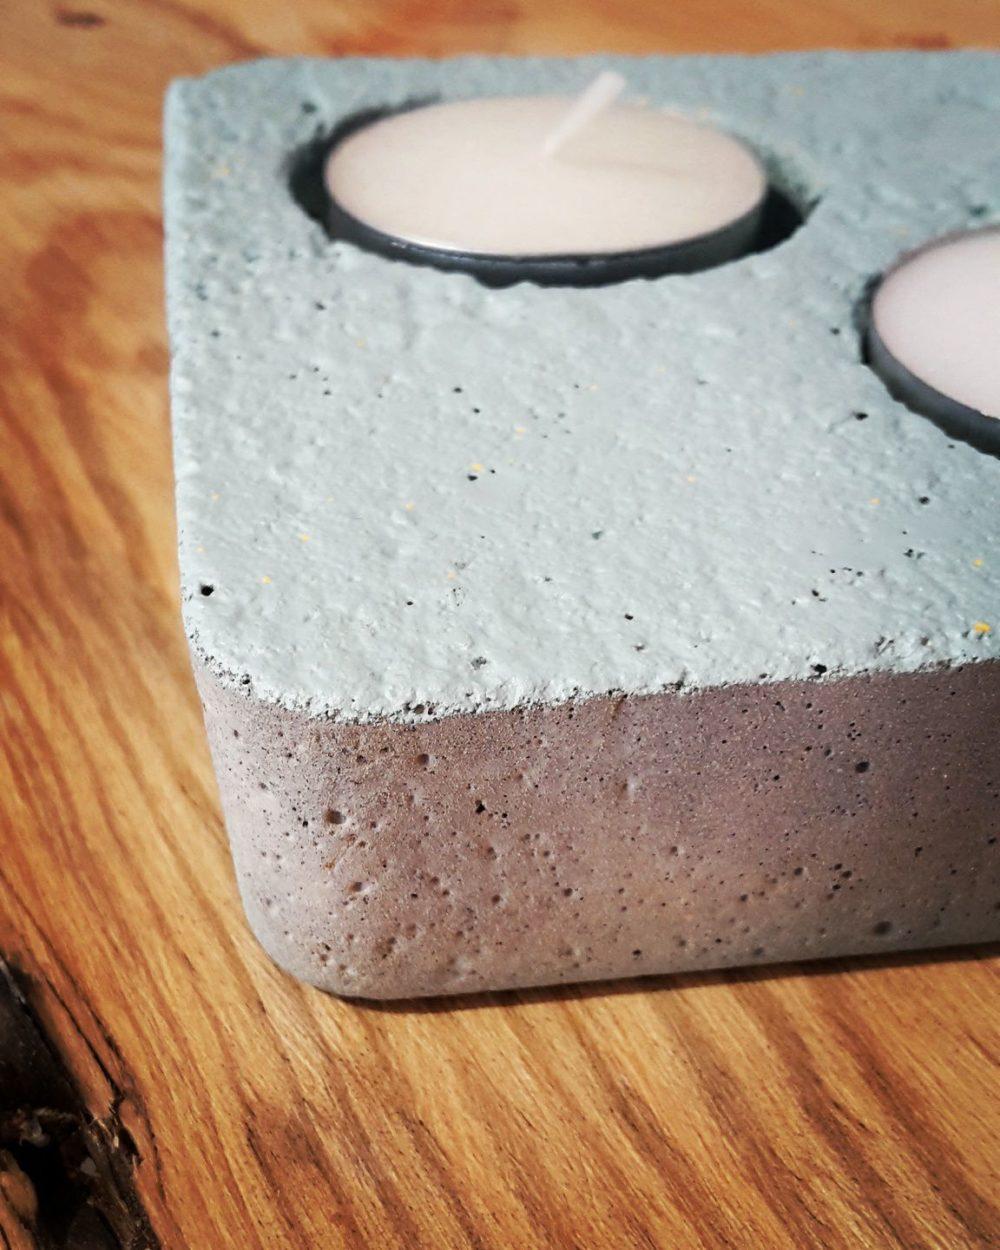 bougeoir, béton, ciment, amt design, décoration d'intérieur, objet béton, objet déco